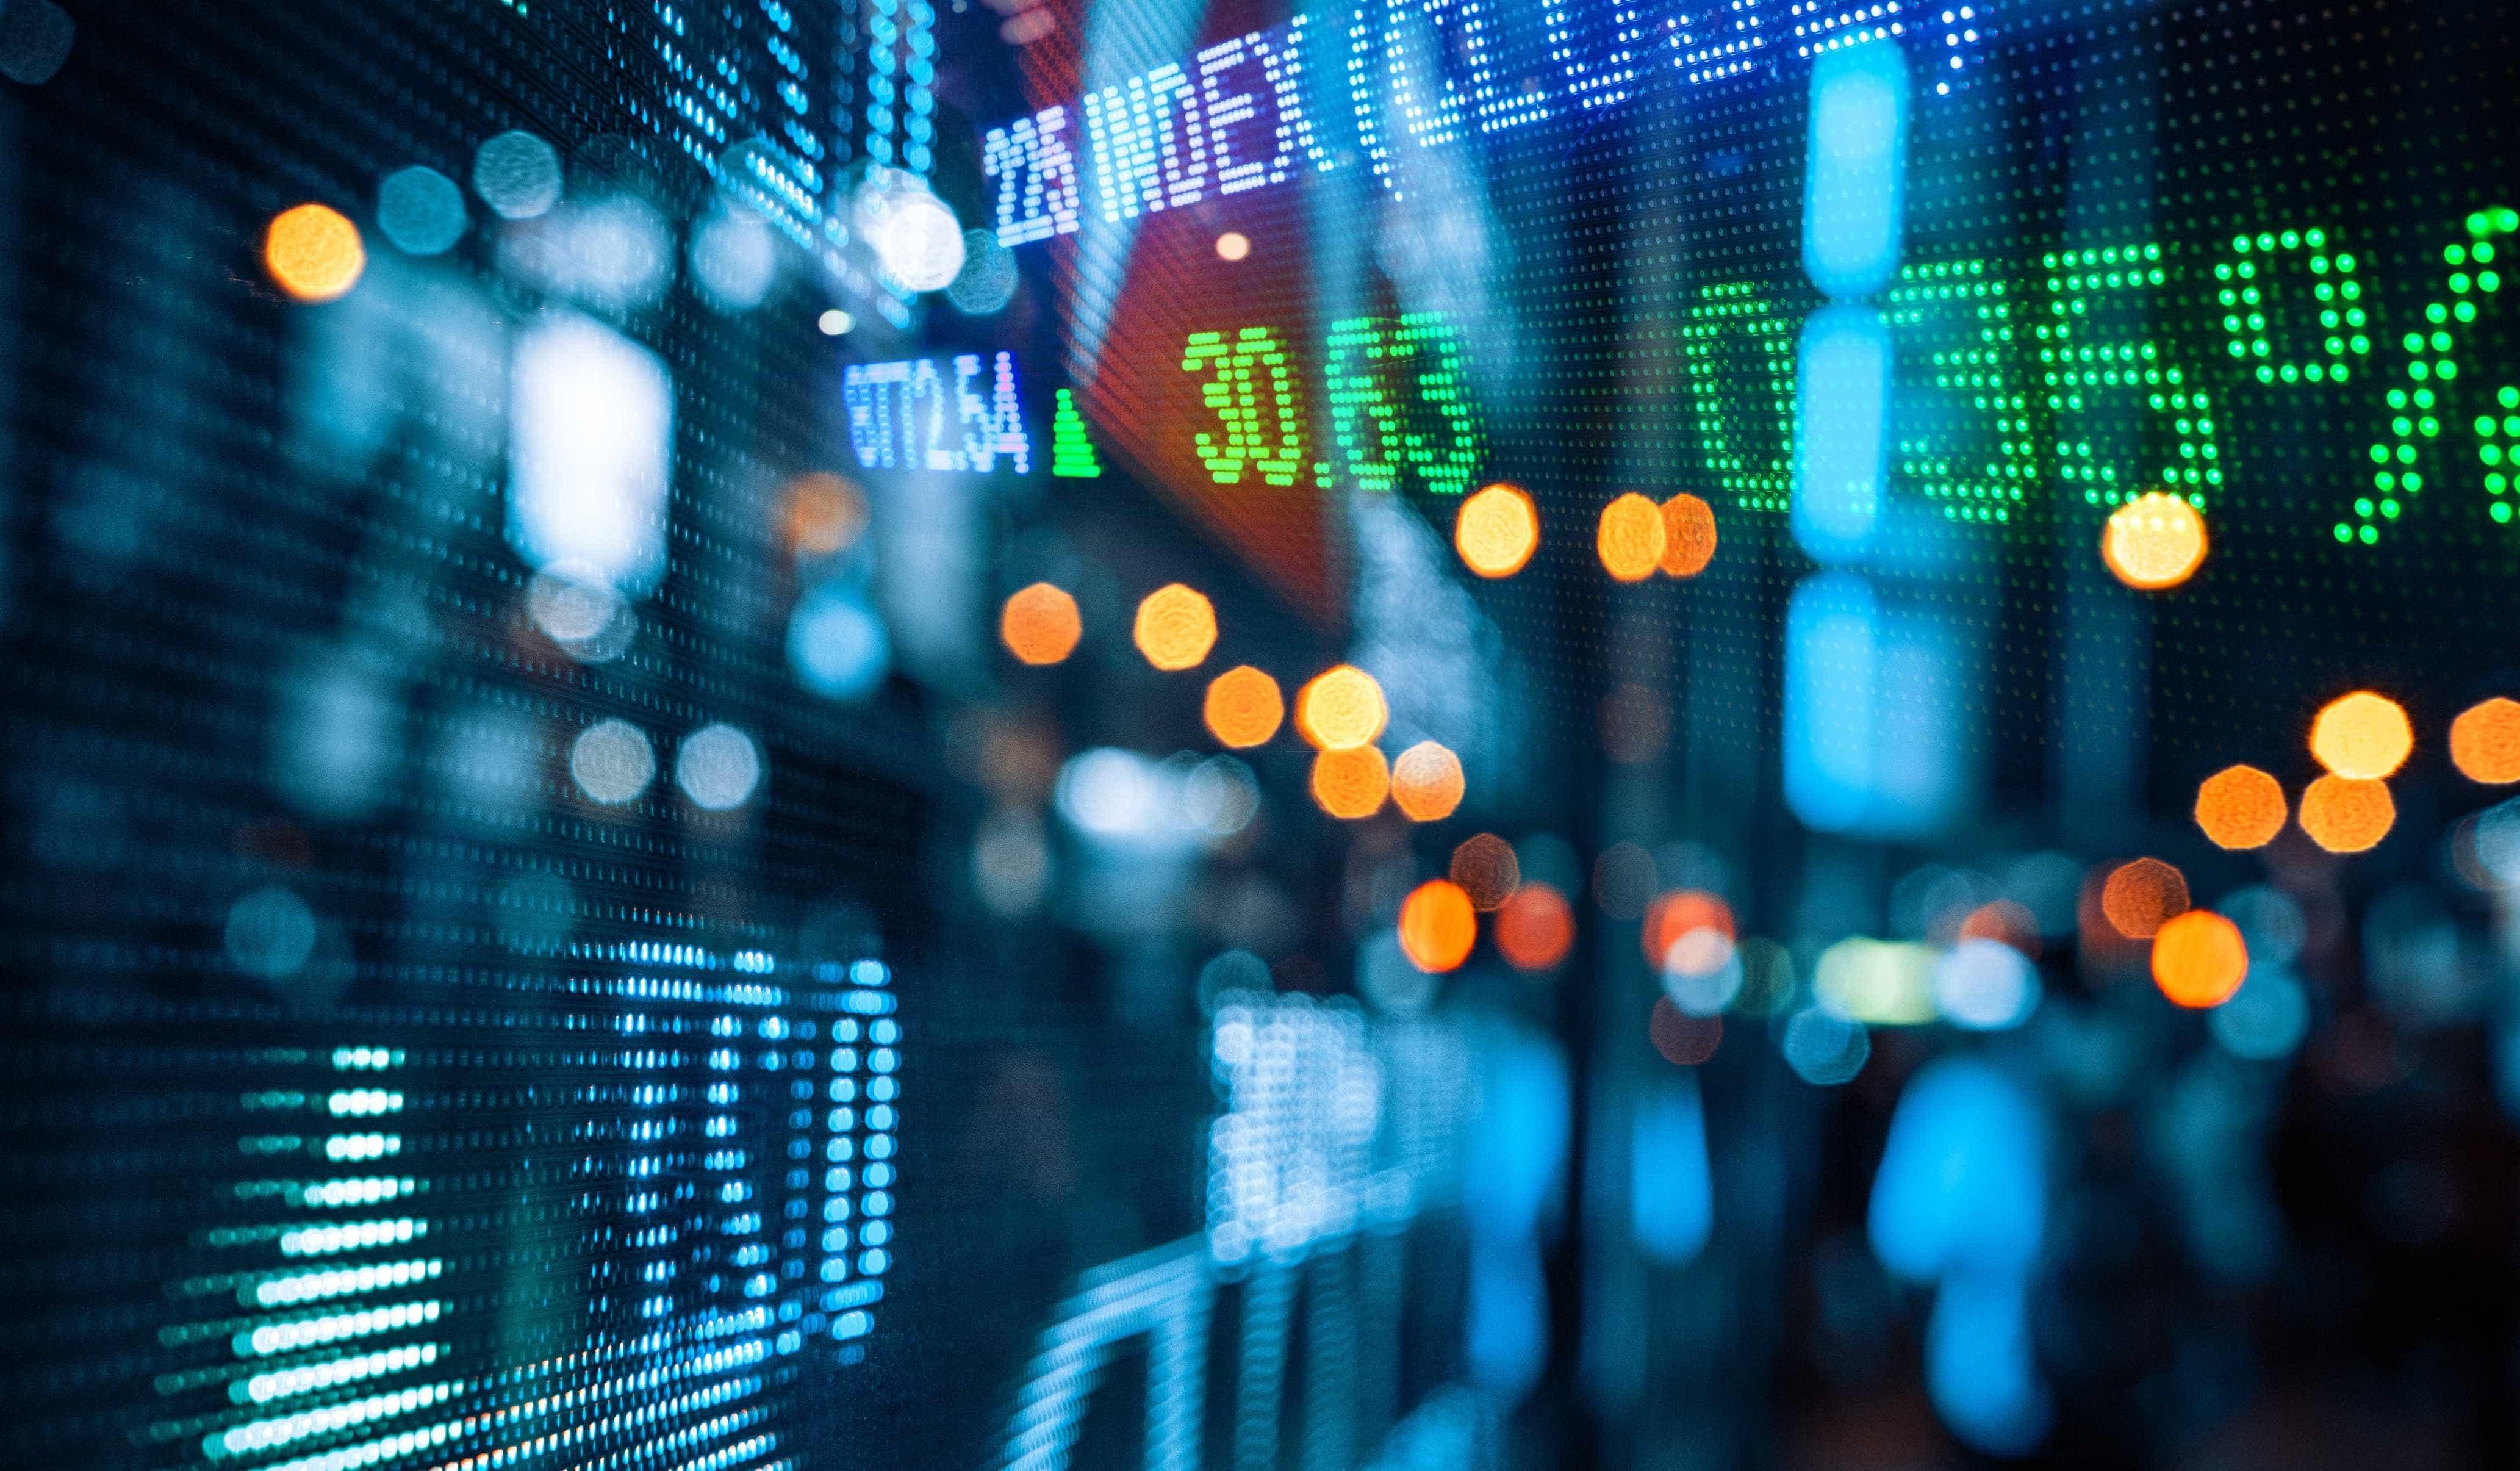 Nubank confirma investimento de US$ 90 milhões de gigante chinesa